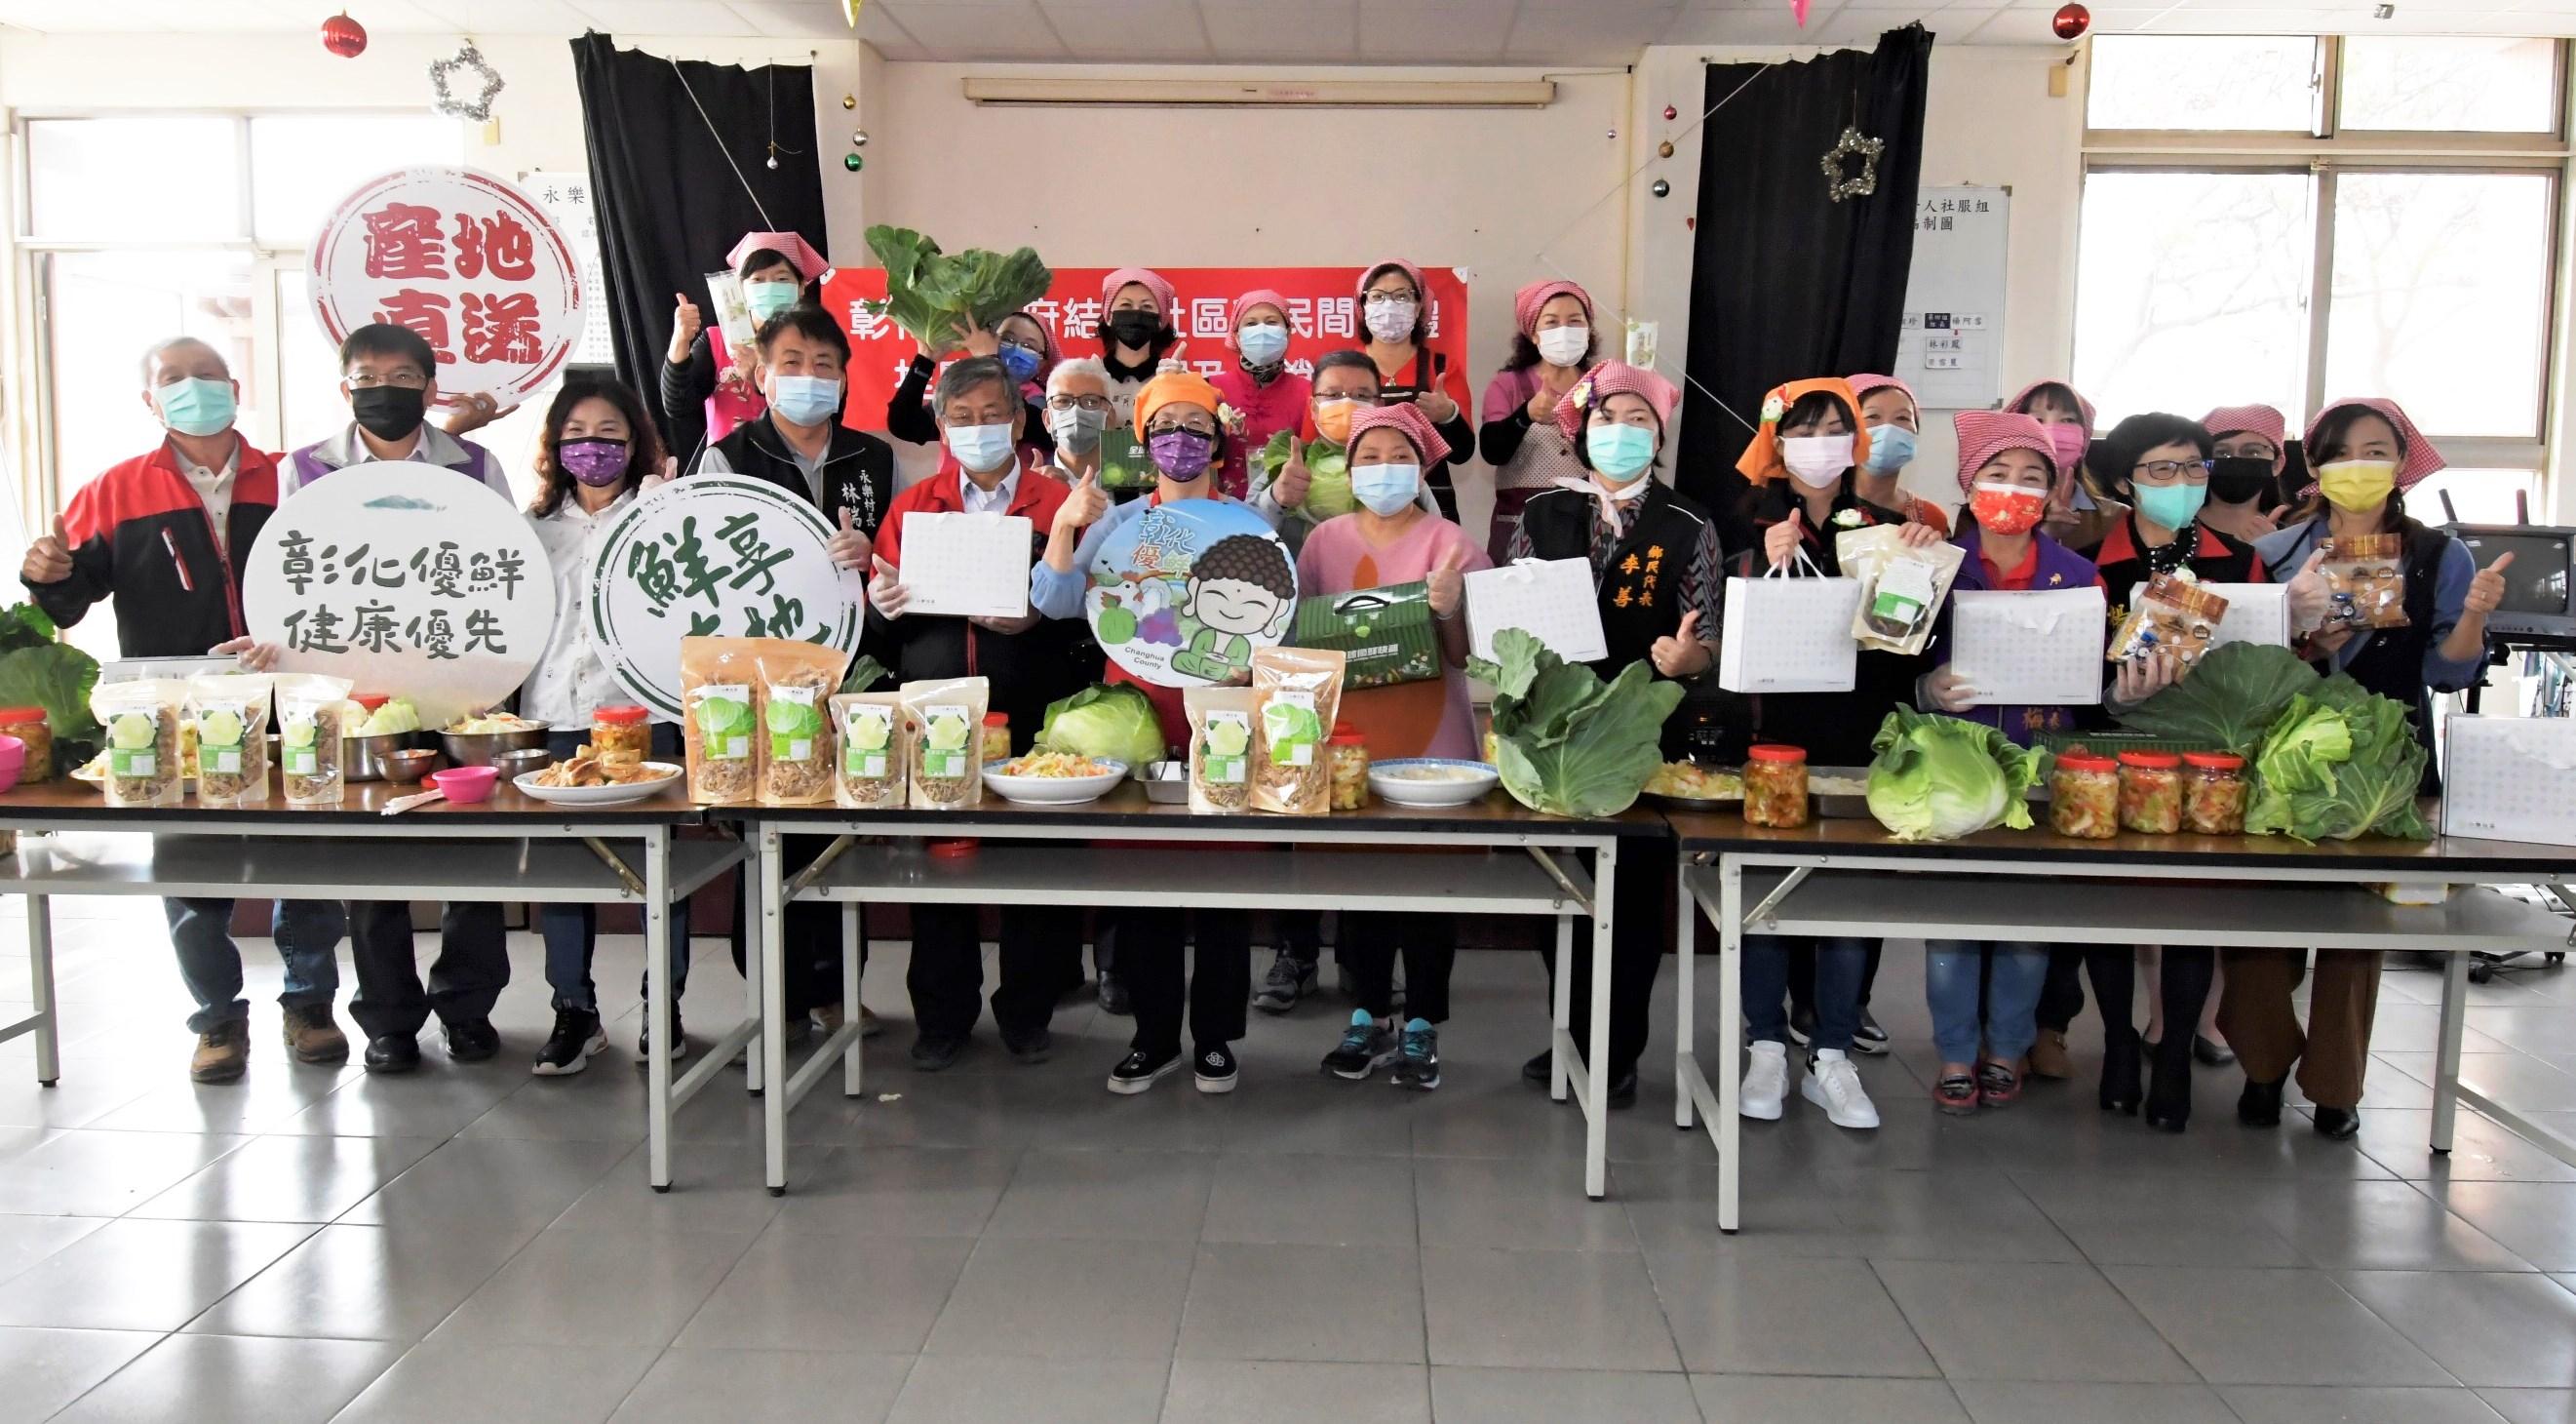 吃高麗菜 顧健康 救農民 彰化縣政府結合社區與民間團體促銷高麗菜